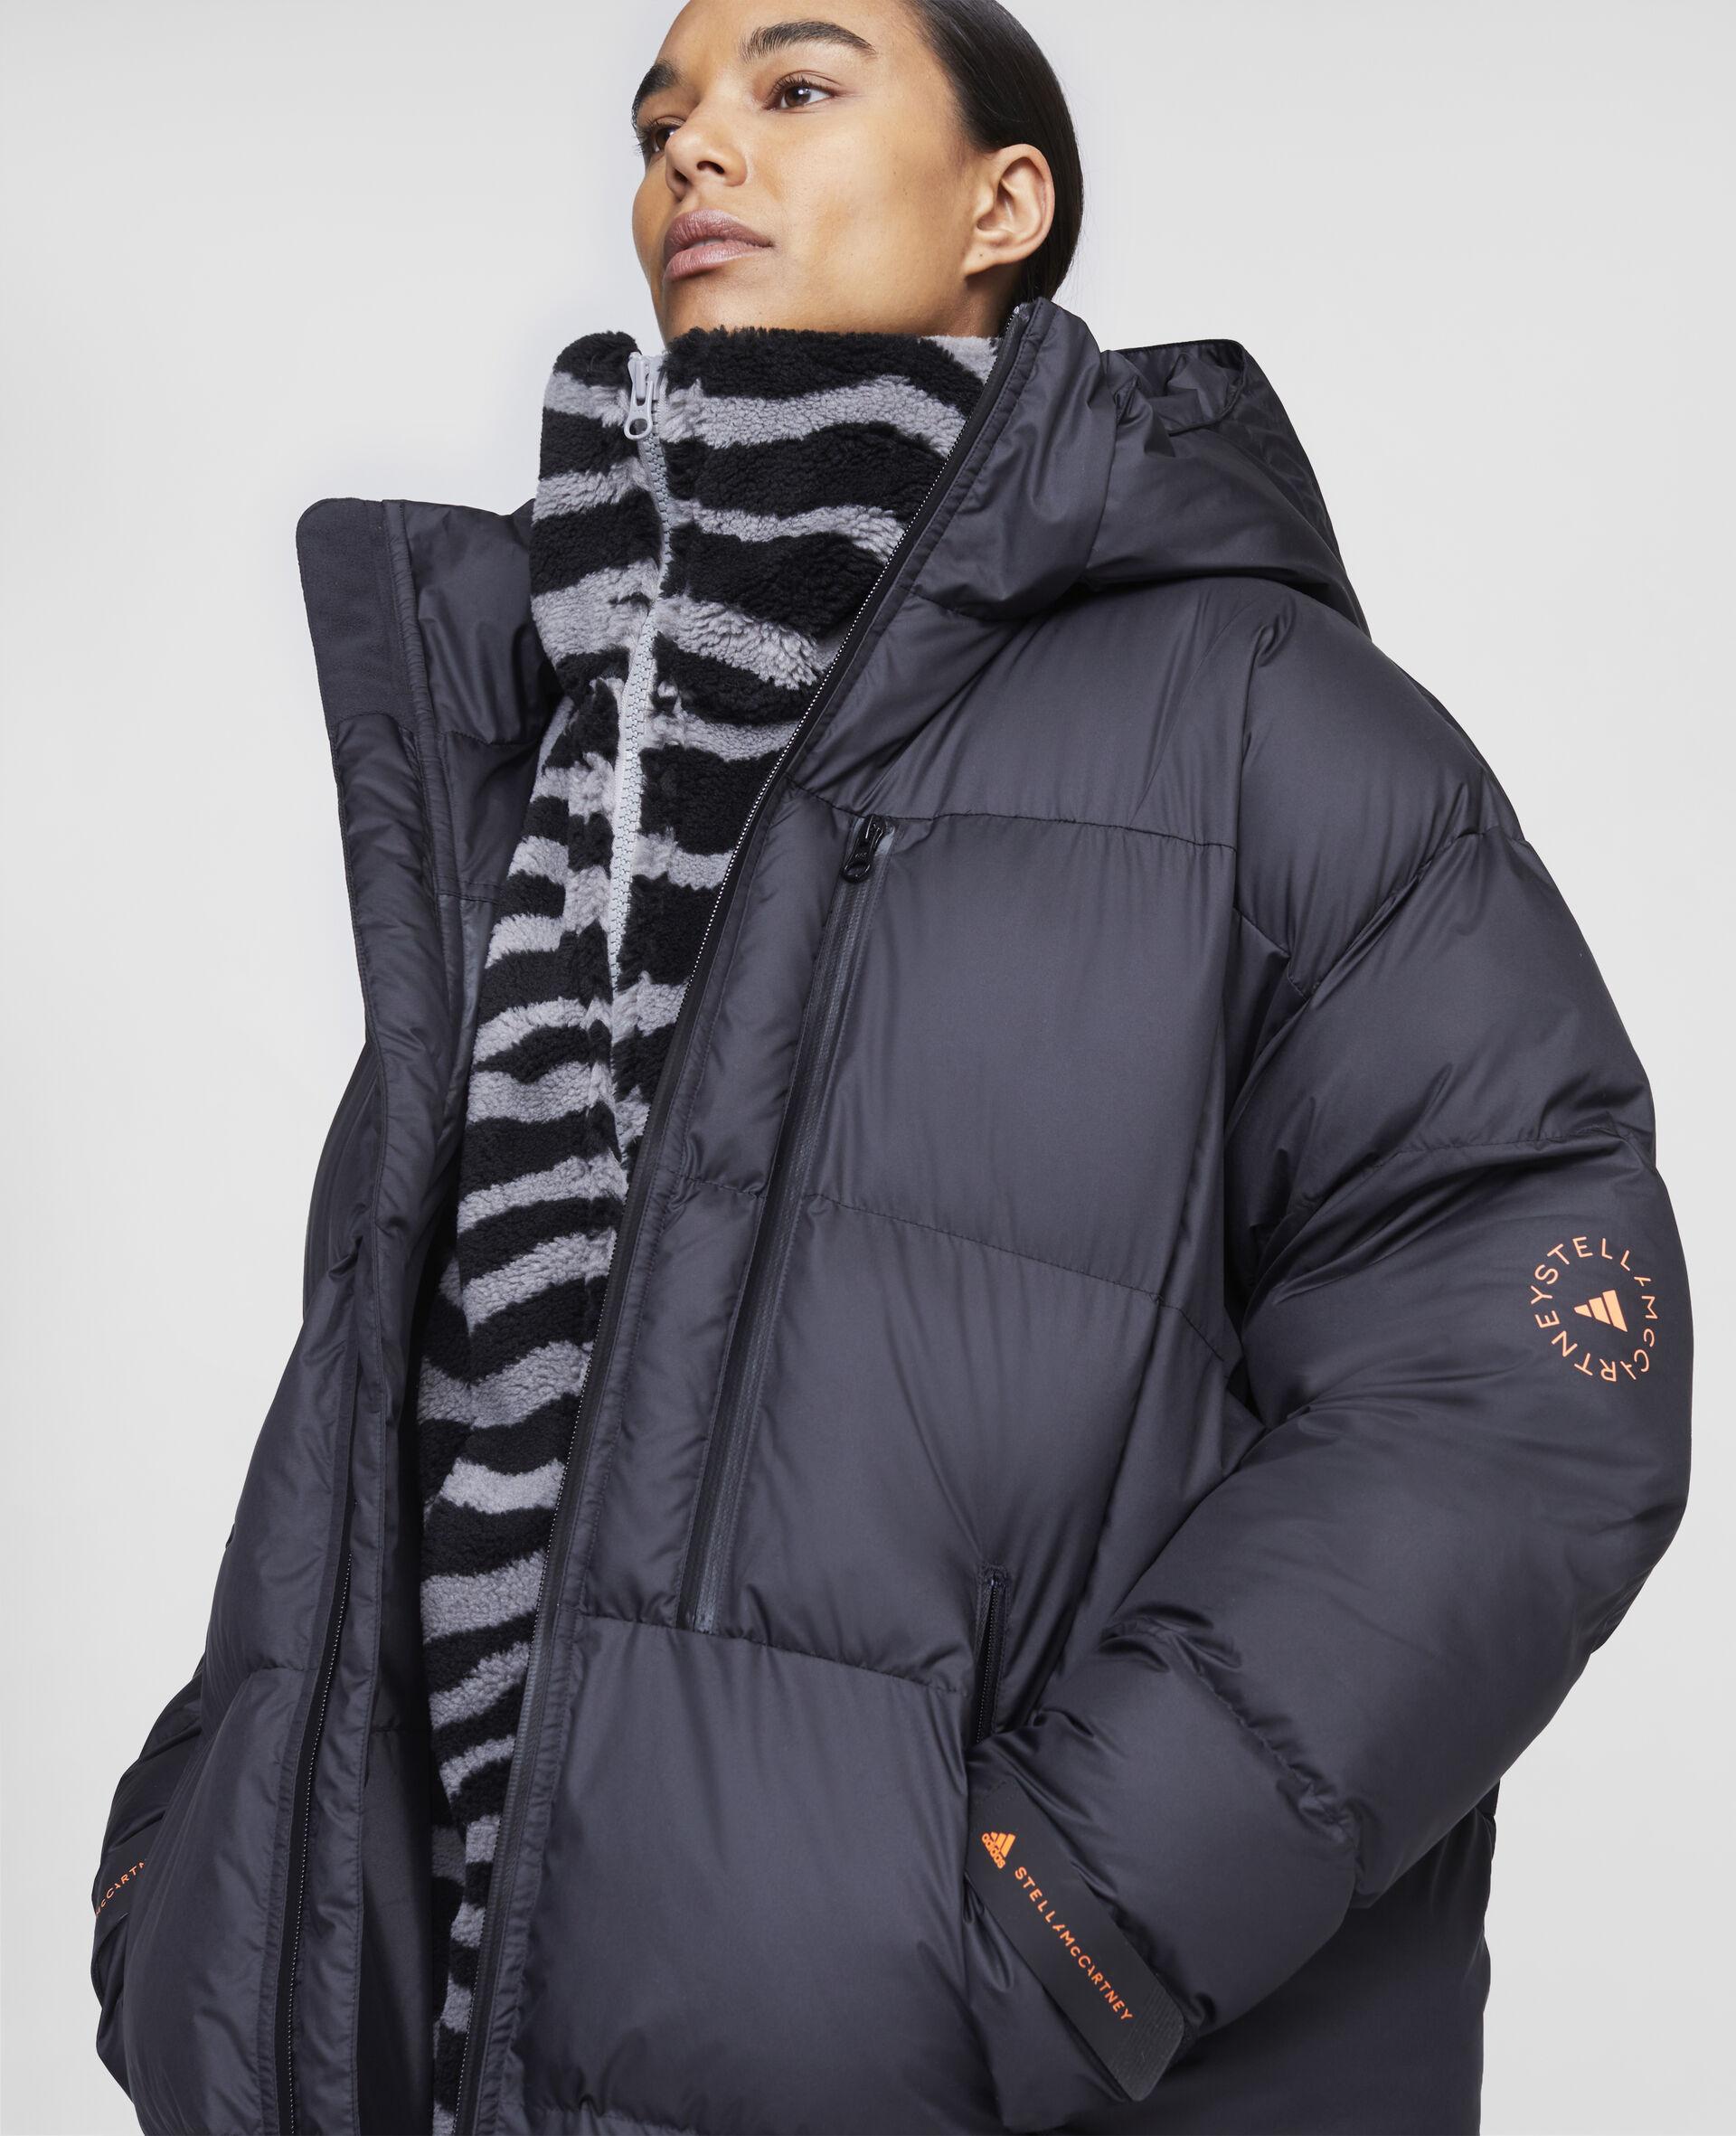 Long Training Puffer Jacket-Black-large image number 3